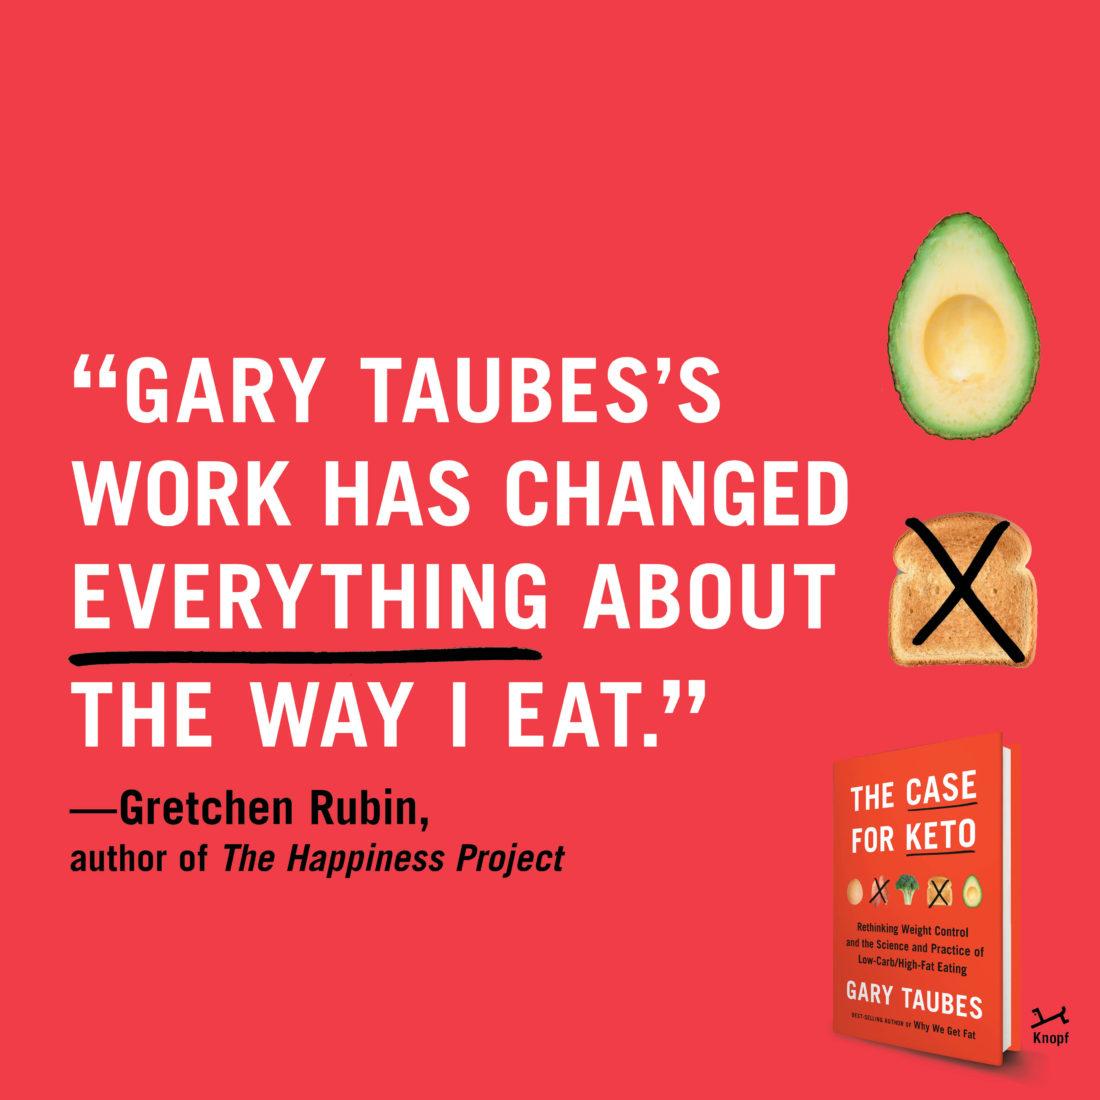 gary taubes zero carb diet